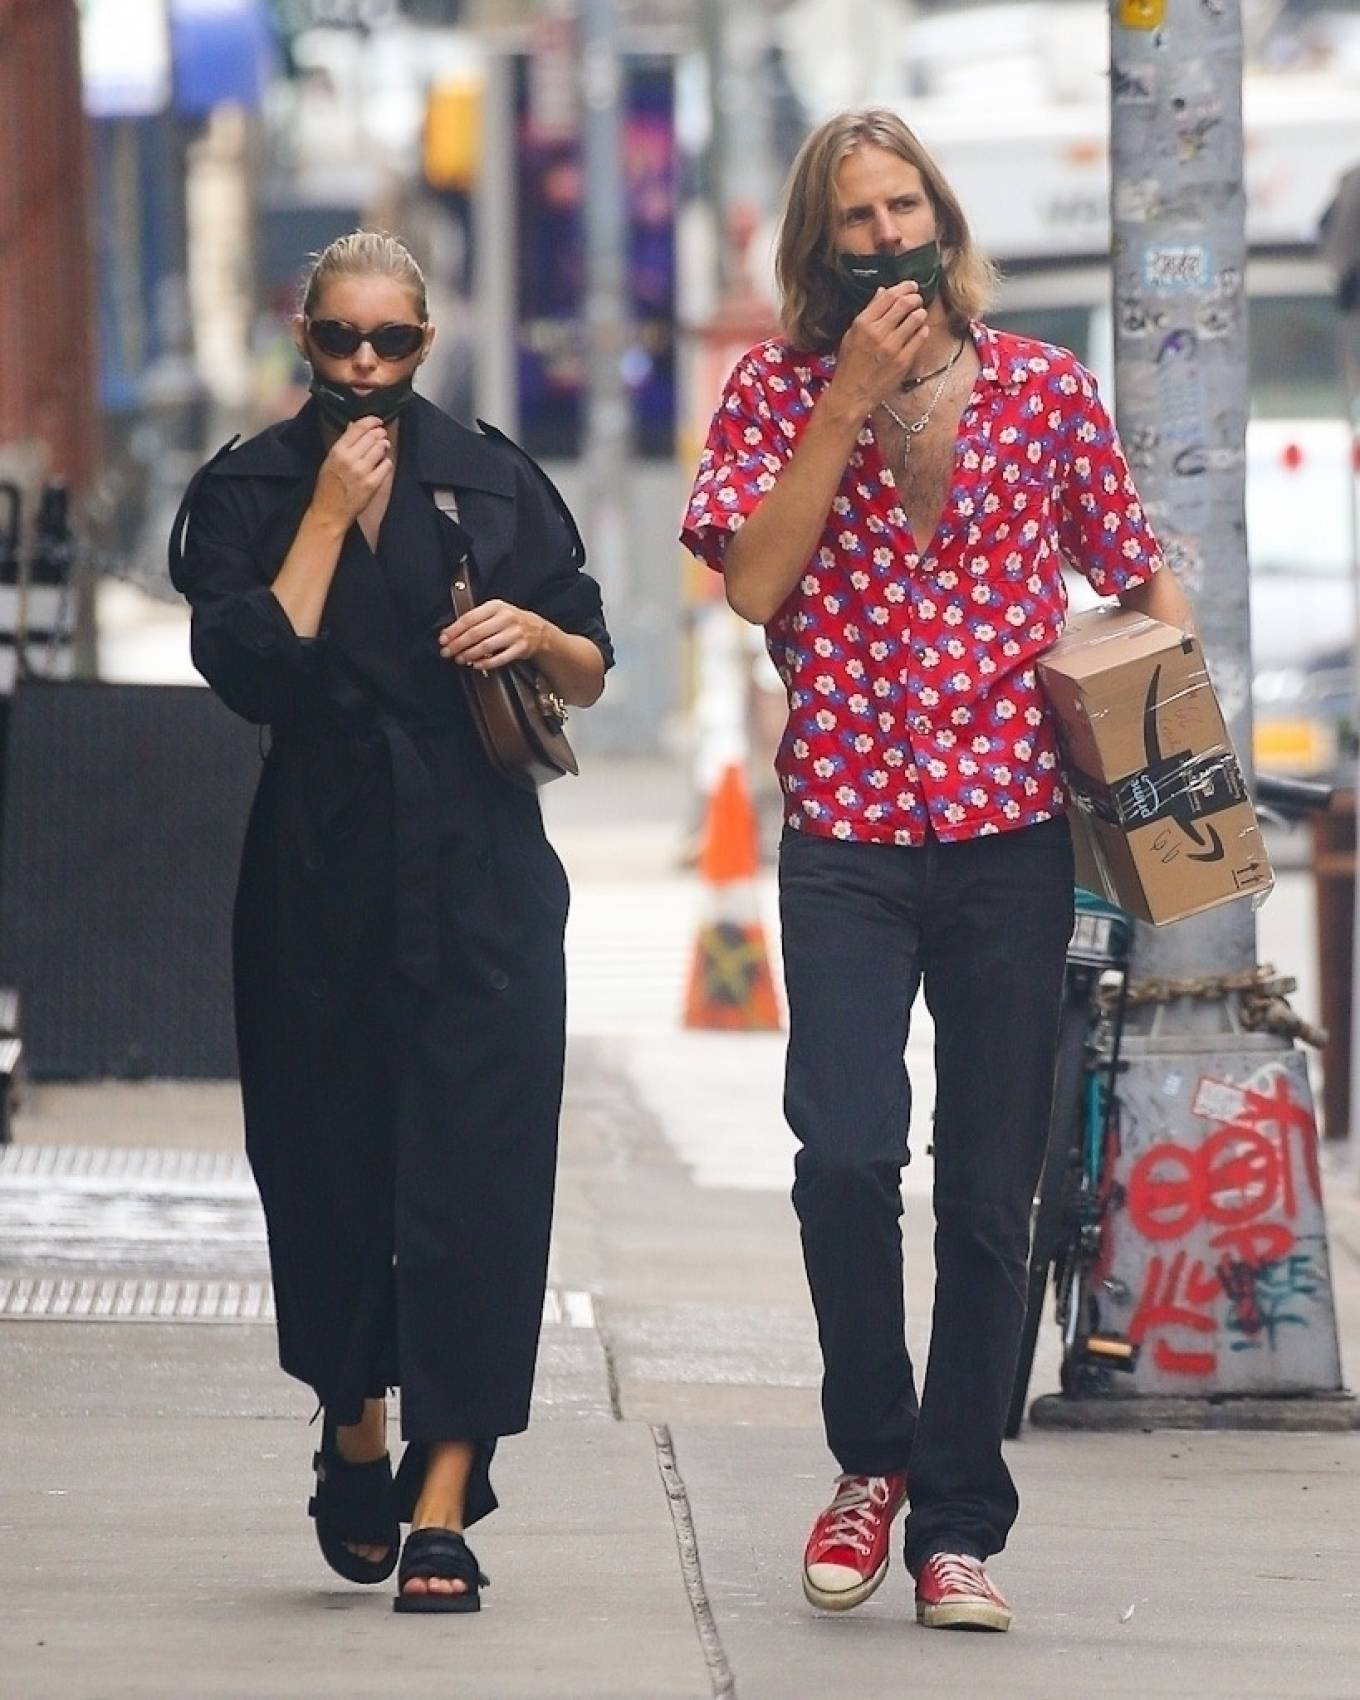 Elsa Hosk 2020 : Elsa Hosk with her boyfriend in New York City-02